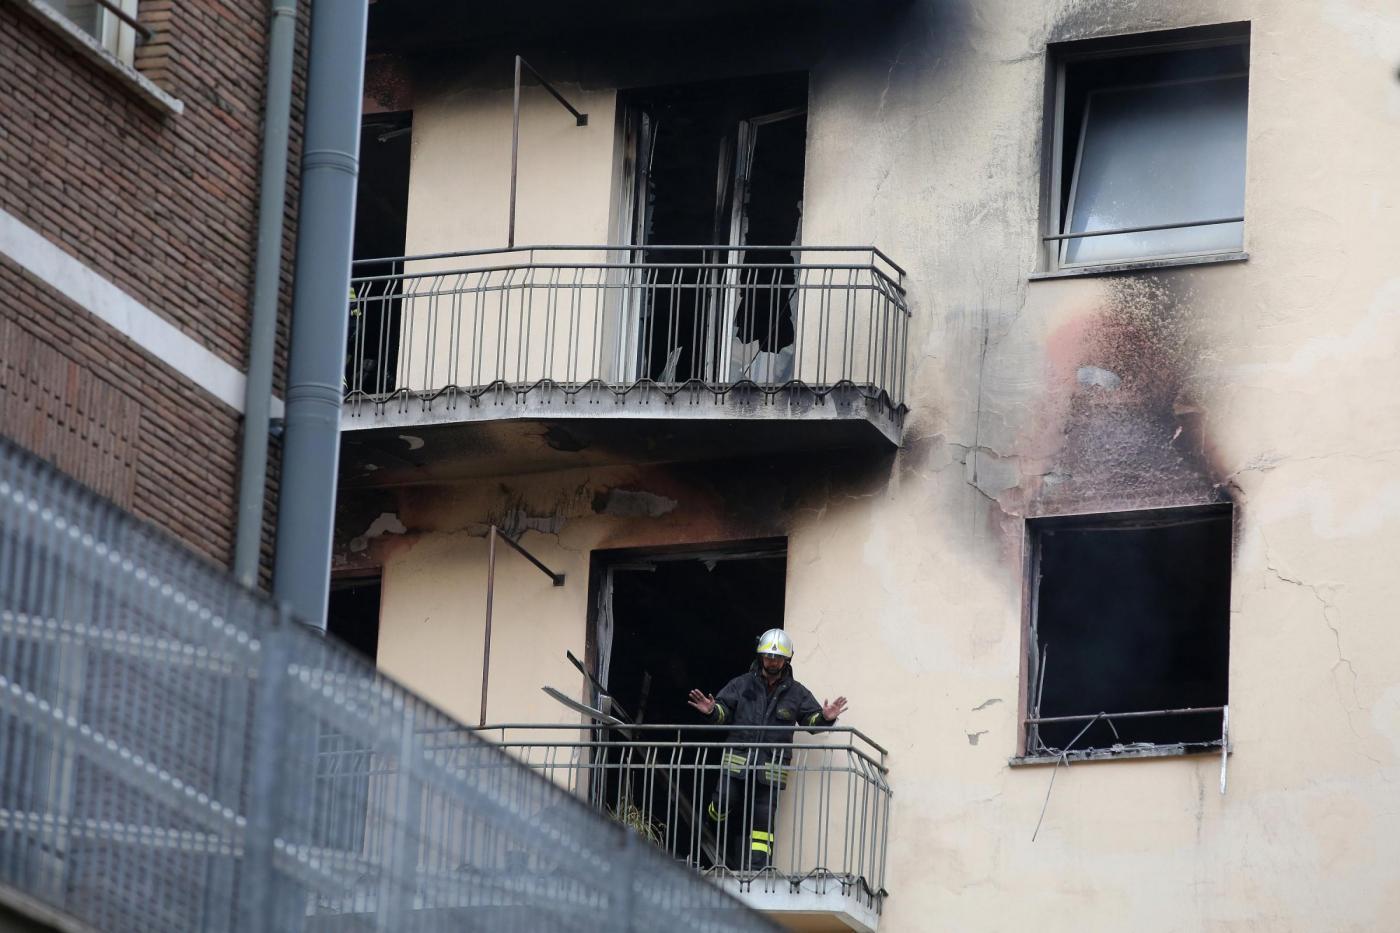 Roma, Incendio in una sede del Ministero dello Sviluppo Economico